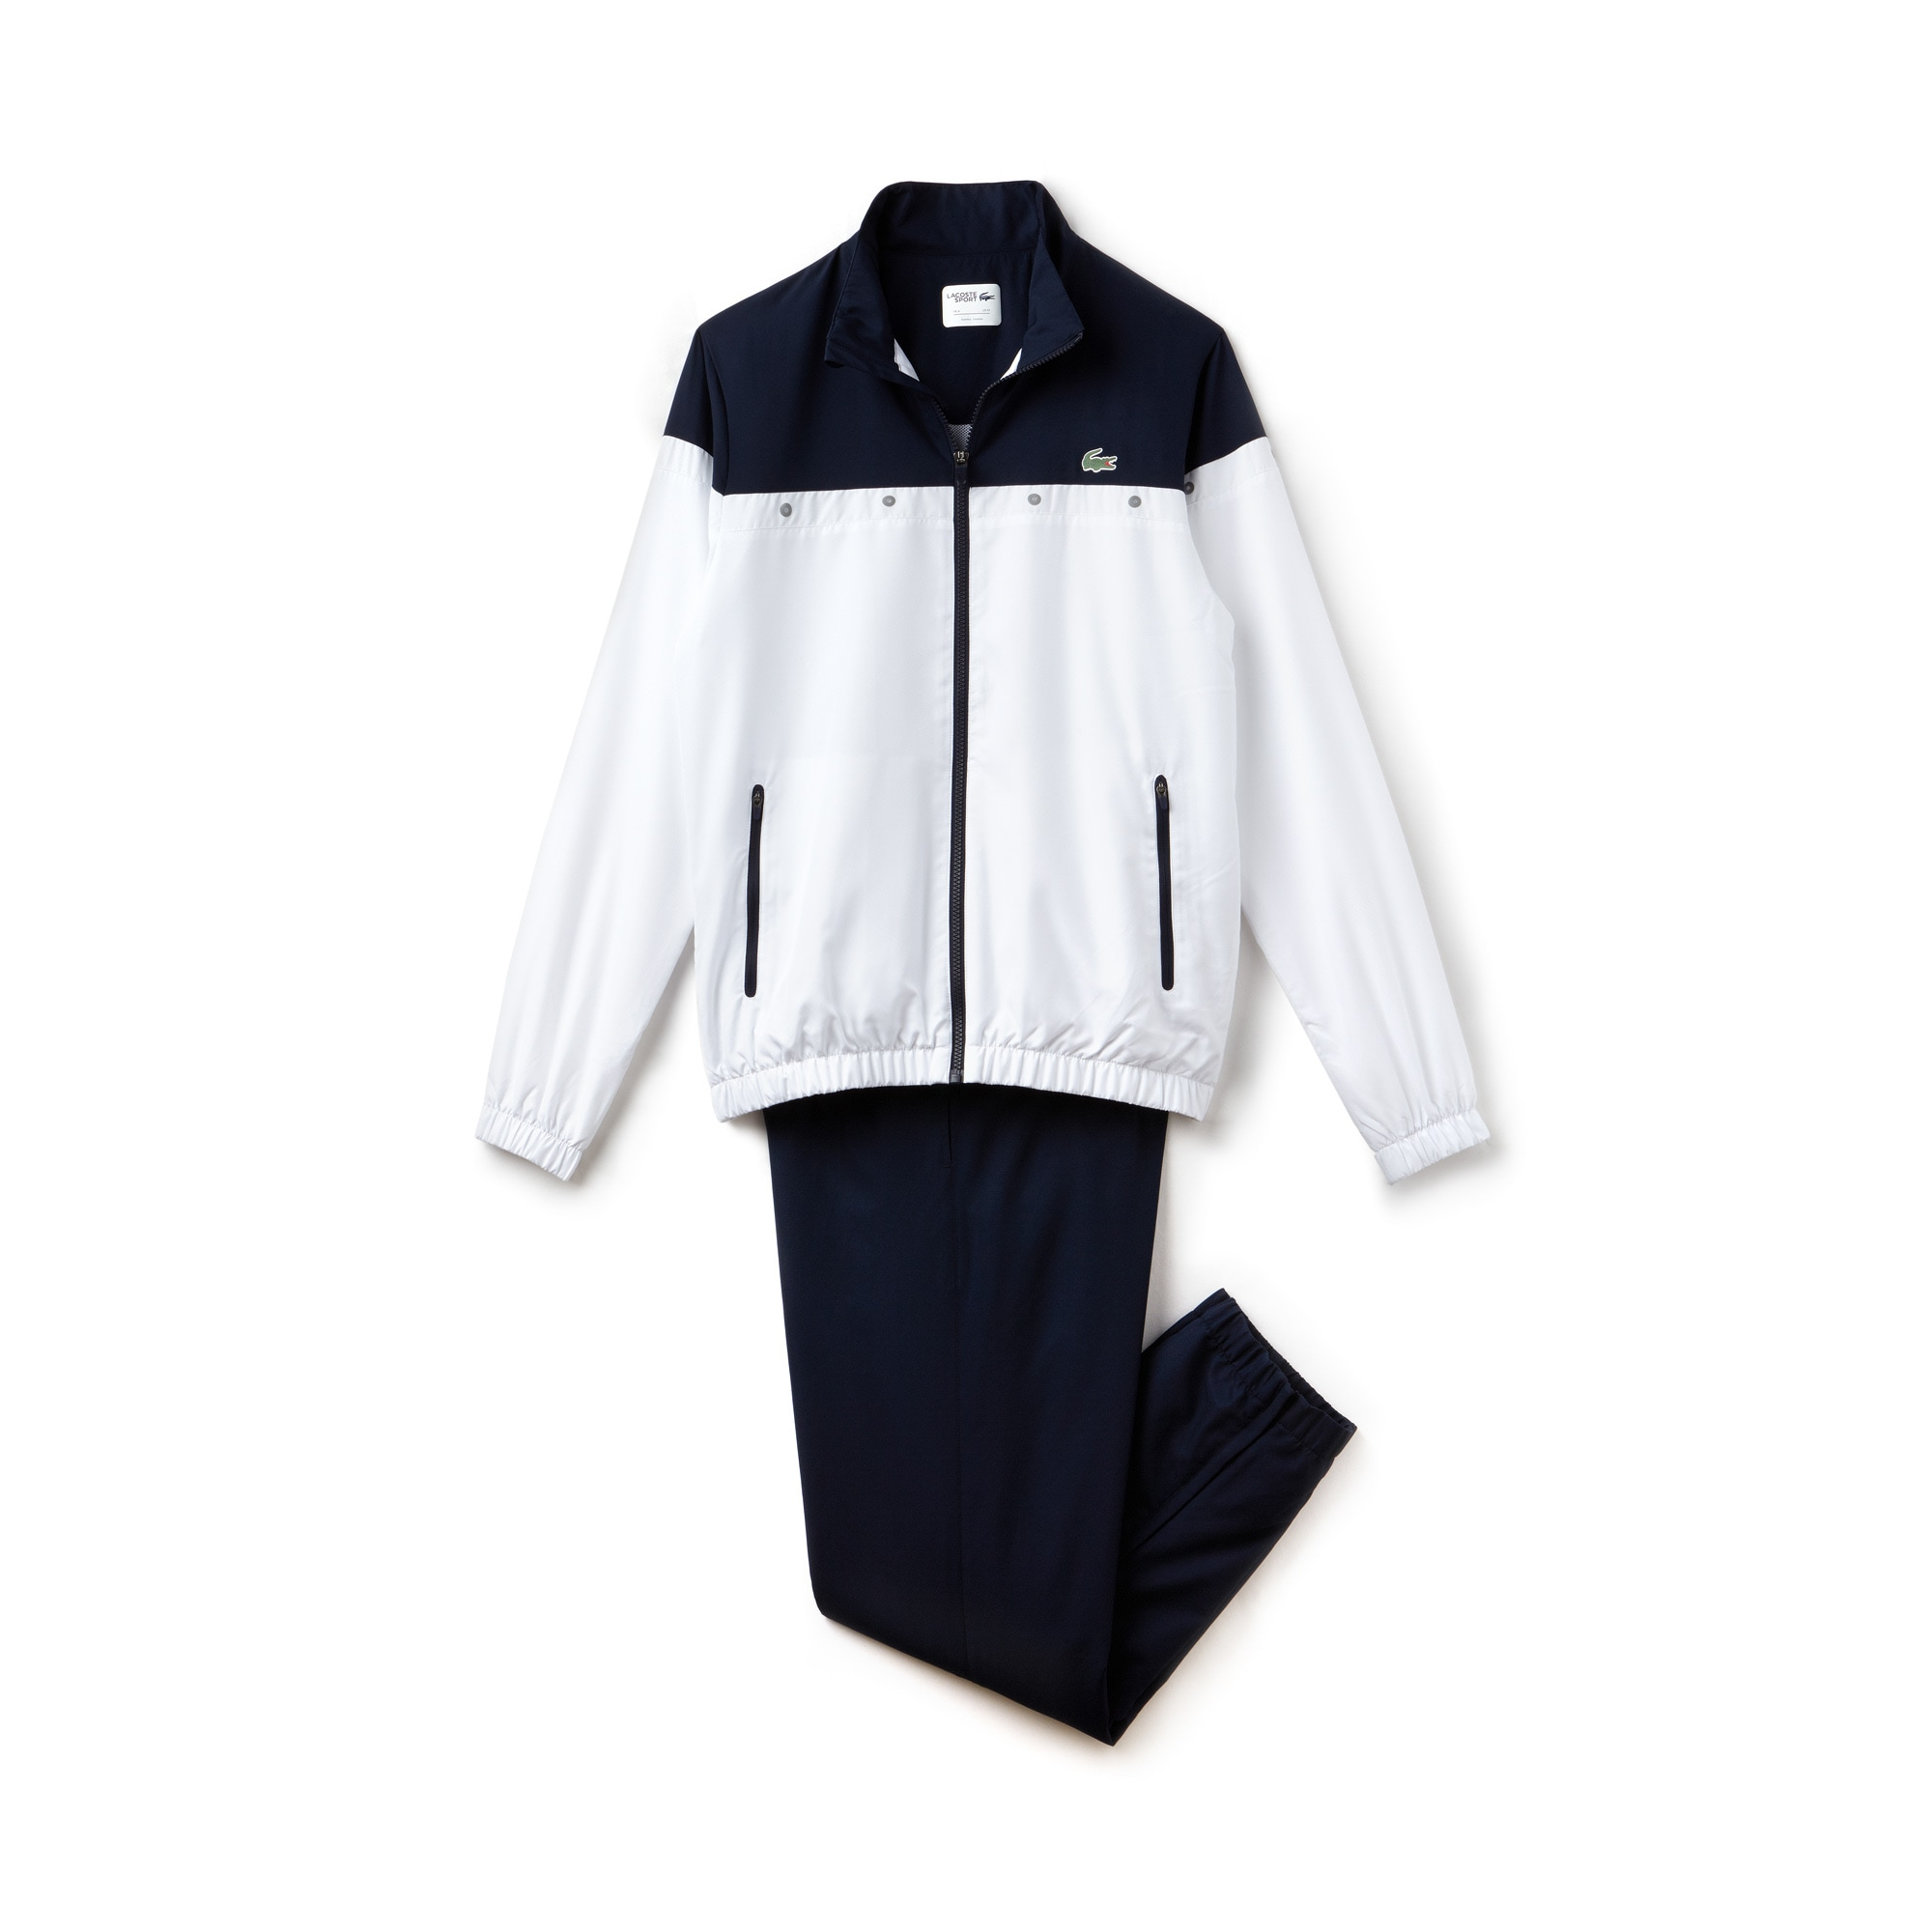 라코스테 스포츠 트랙 수트 Lacoste Mens SPORT Colorblock Tennis Tracksuit,white/navy blue